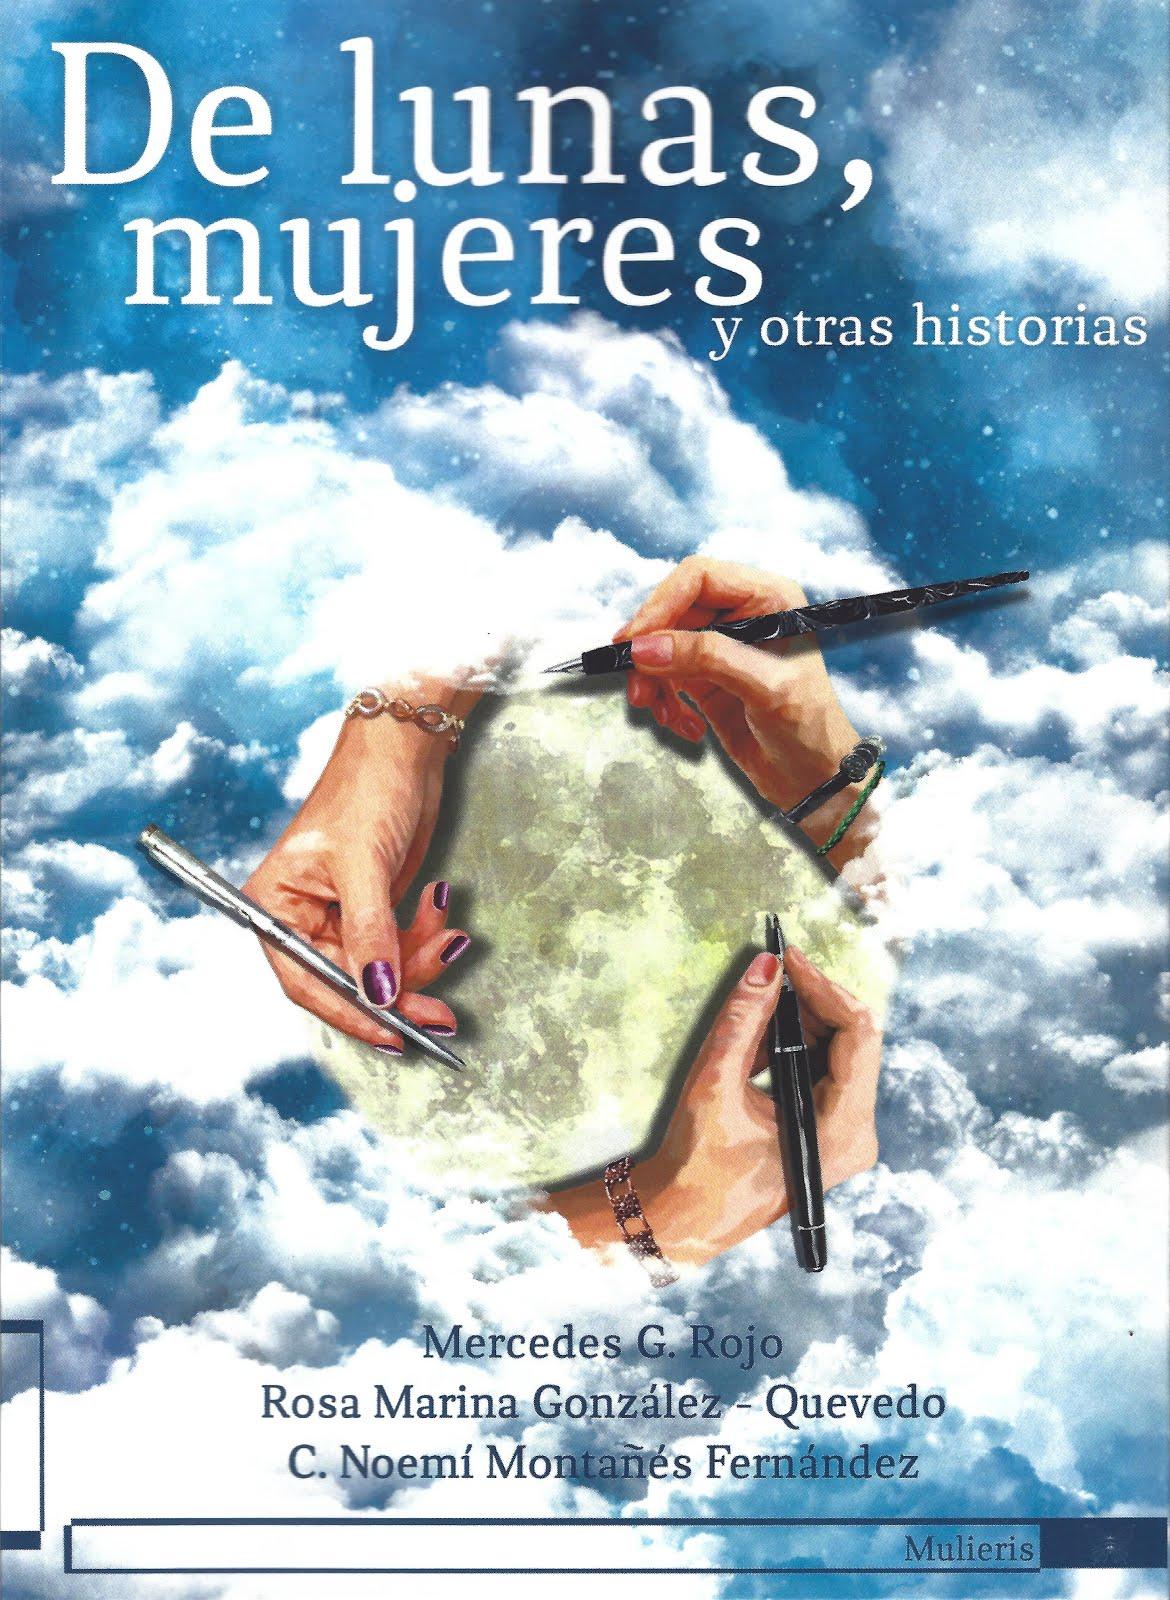 DE LUNAS, MUJERES Y OTRAS HISTORIAS